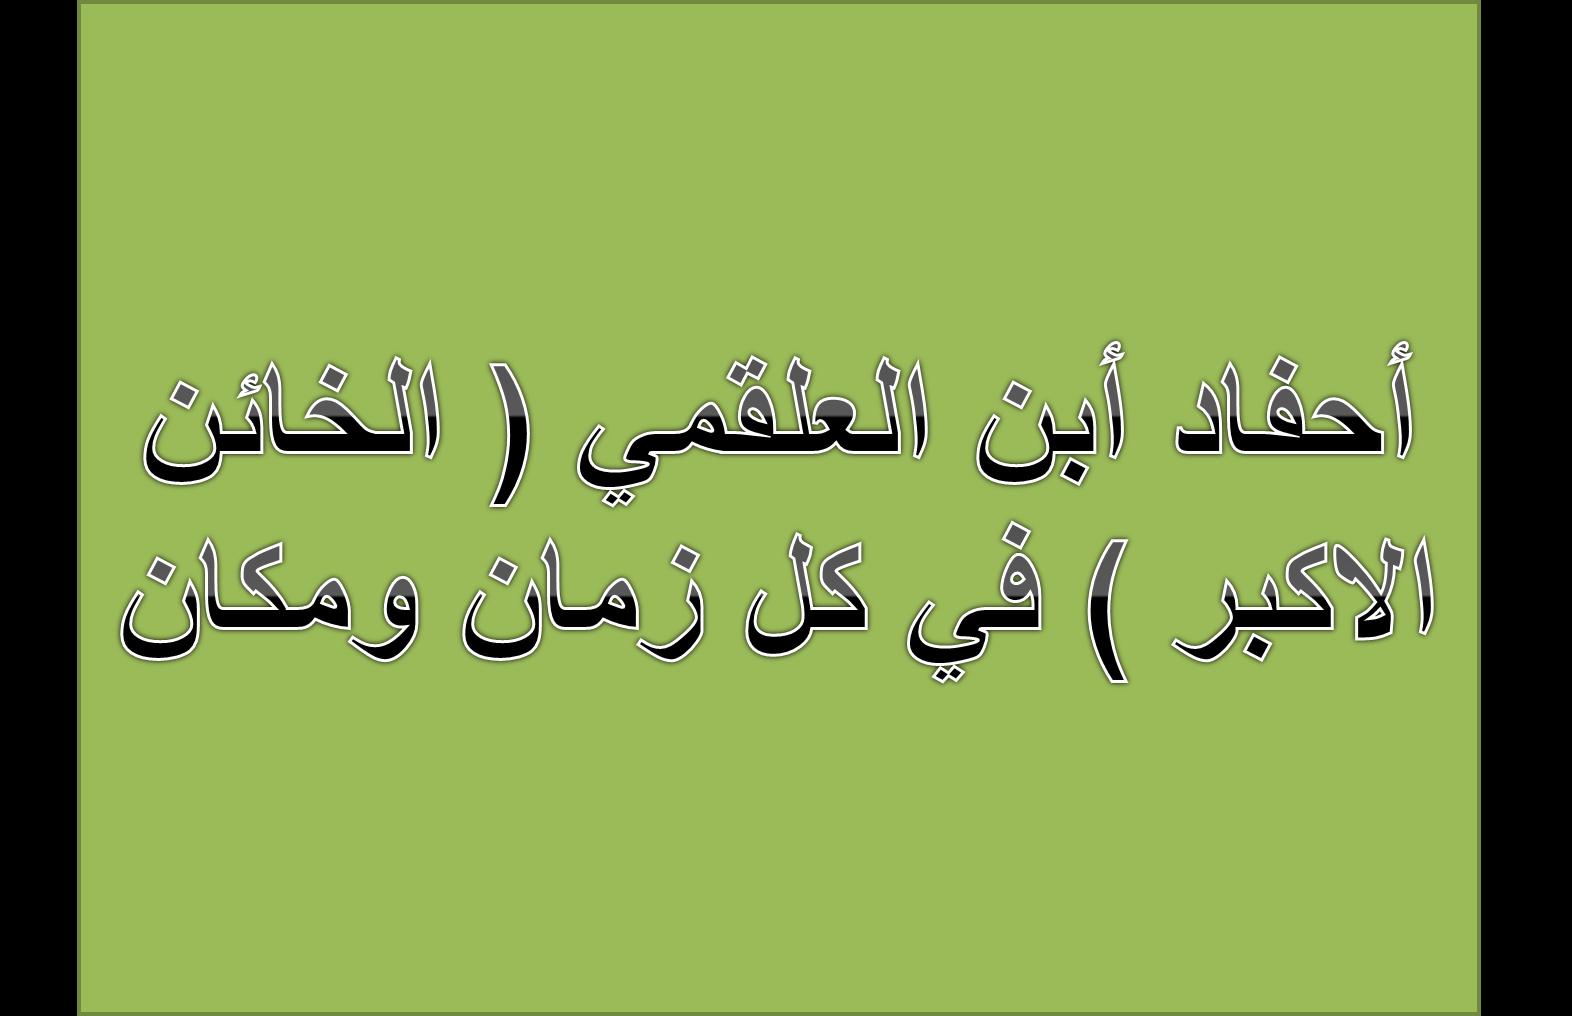 أحفاد ابن العلقمي الخائن الغادر والصيد في الماء العكر بقلم أحمد زكريا Blog Blog Posts Arabic Calligraphy